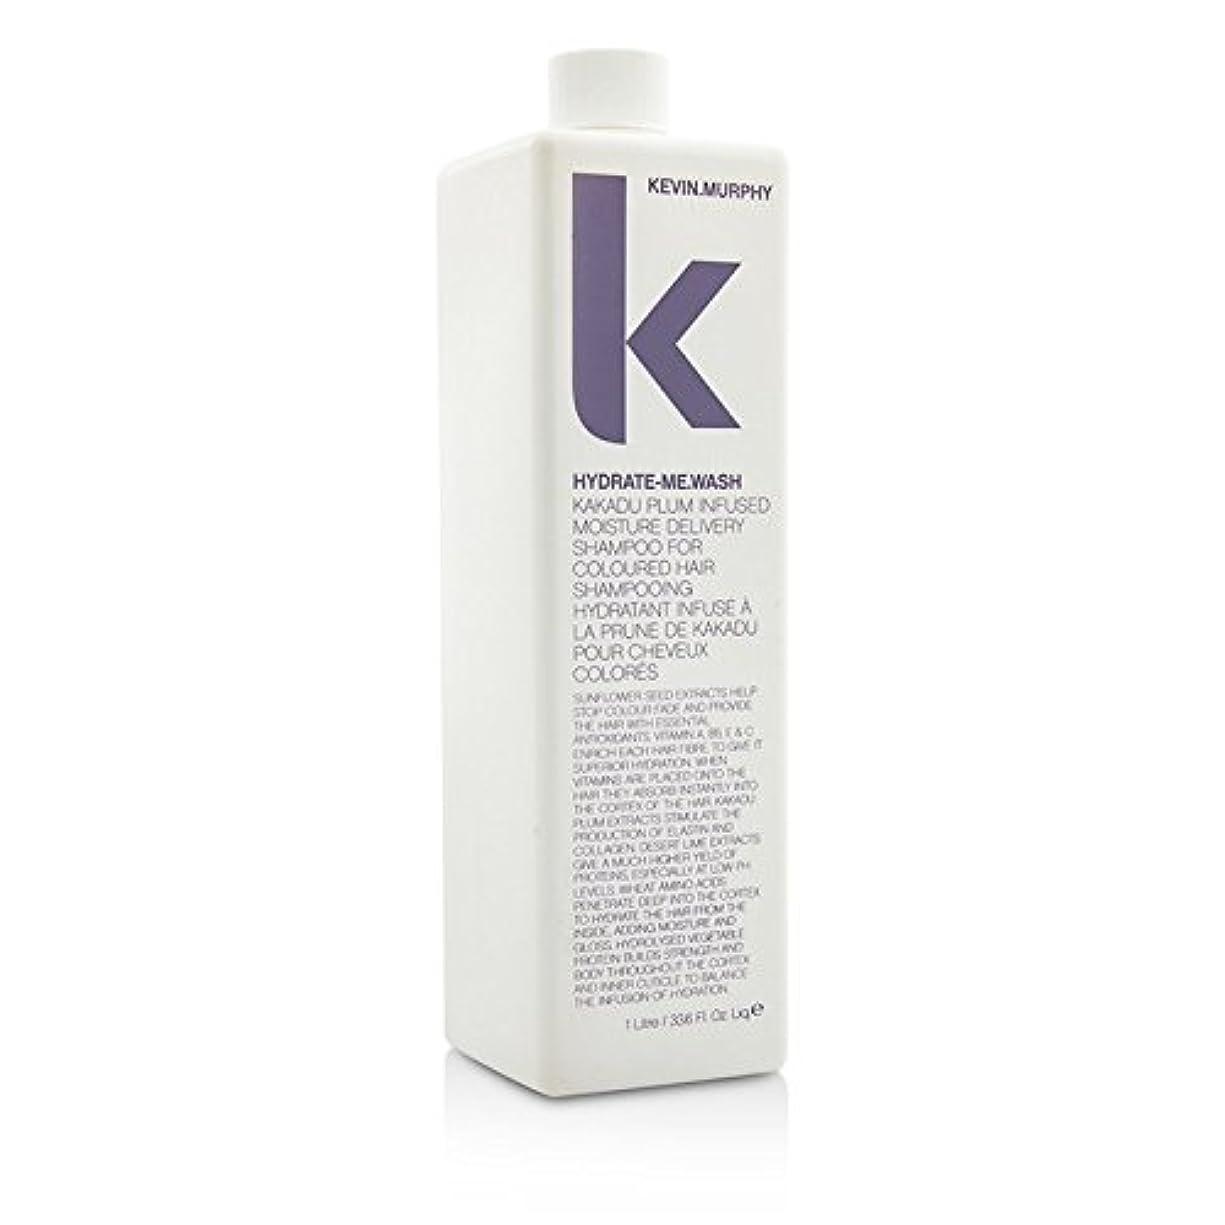 調停する恵みふくろうケヴィン マーフィー Hydrate-Me.Wash (Kakadu Plum Infused Moisture Delivery Shampoo - For Coloured Hair) 1000ml/33.6oz並行輸入品